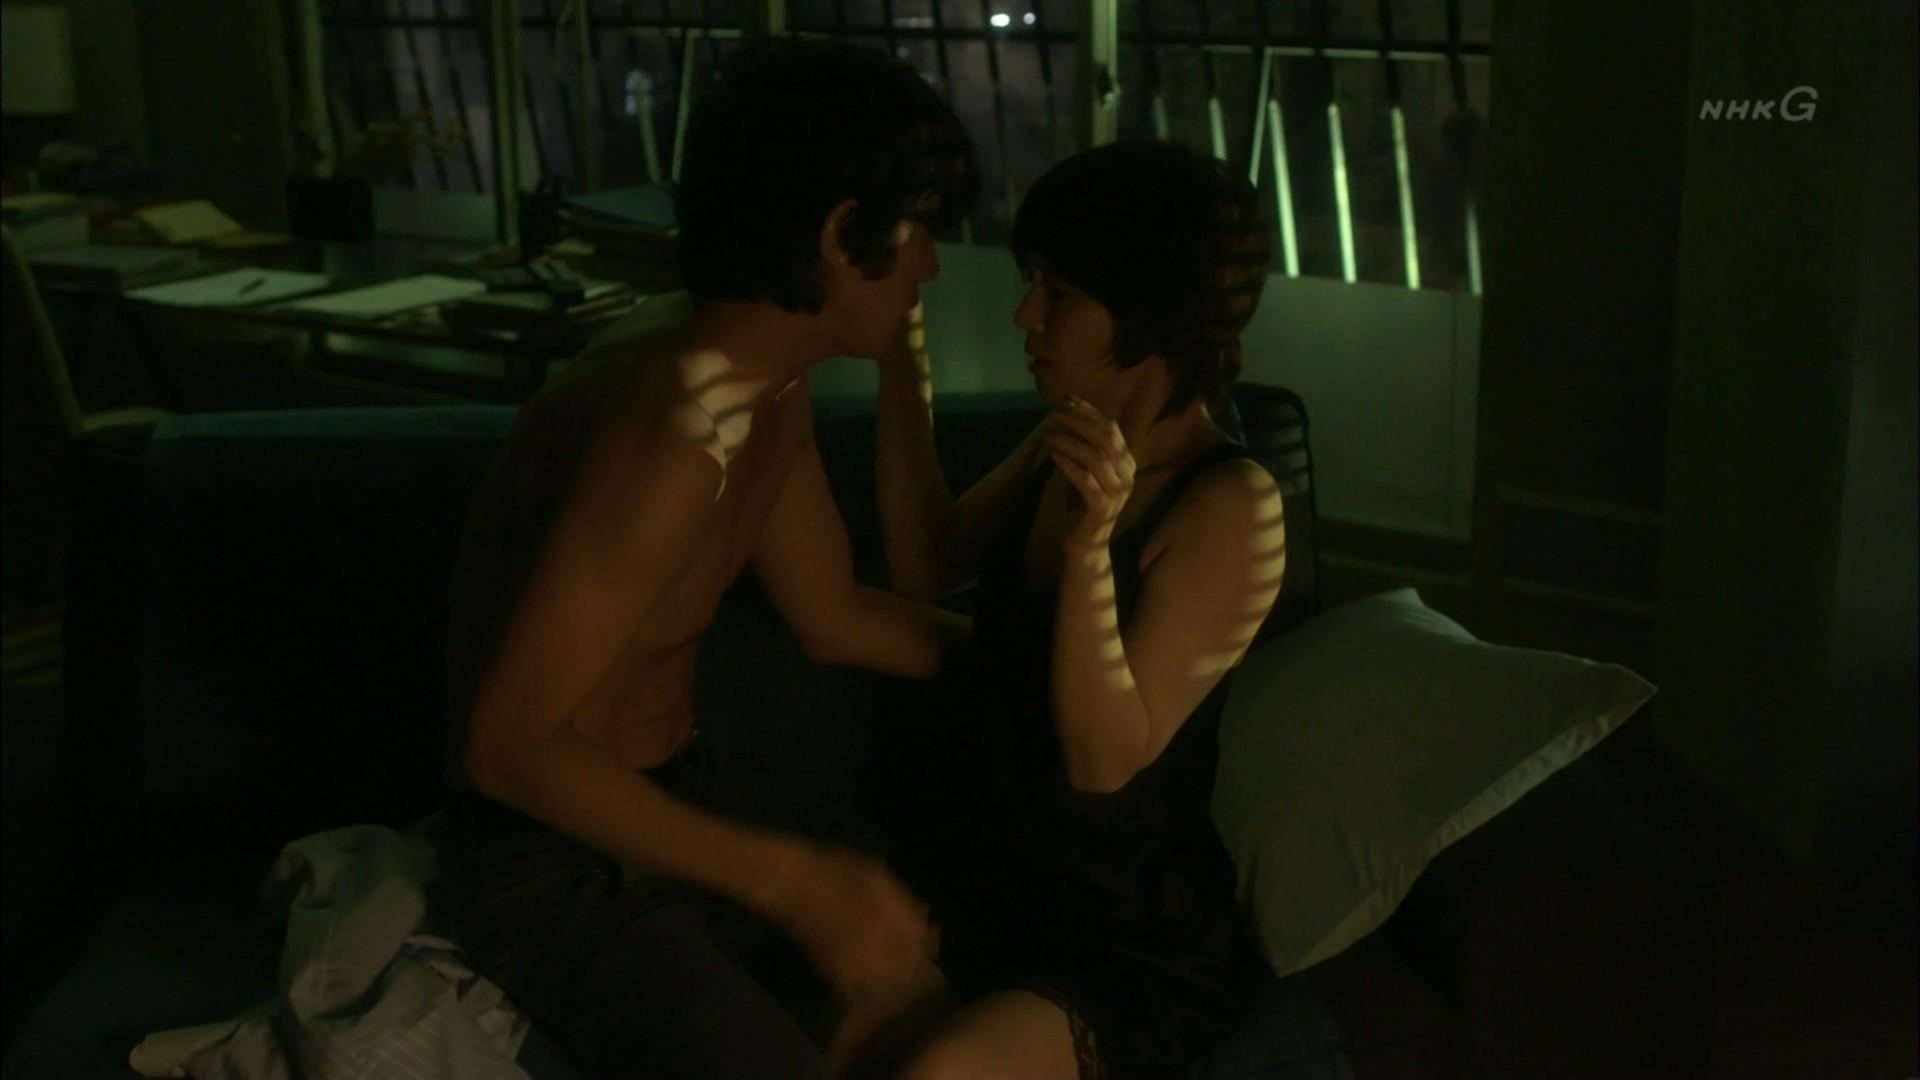 石田ゆり子 NHKのドラマで濃厚ラブシーンキャプ・エロ画像2